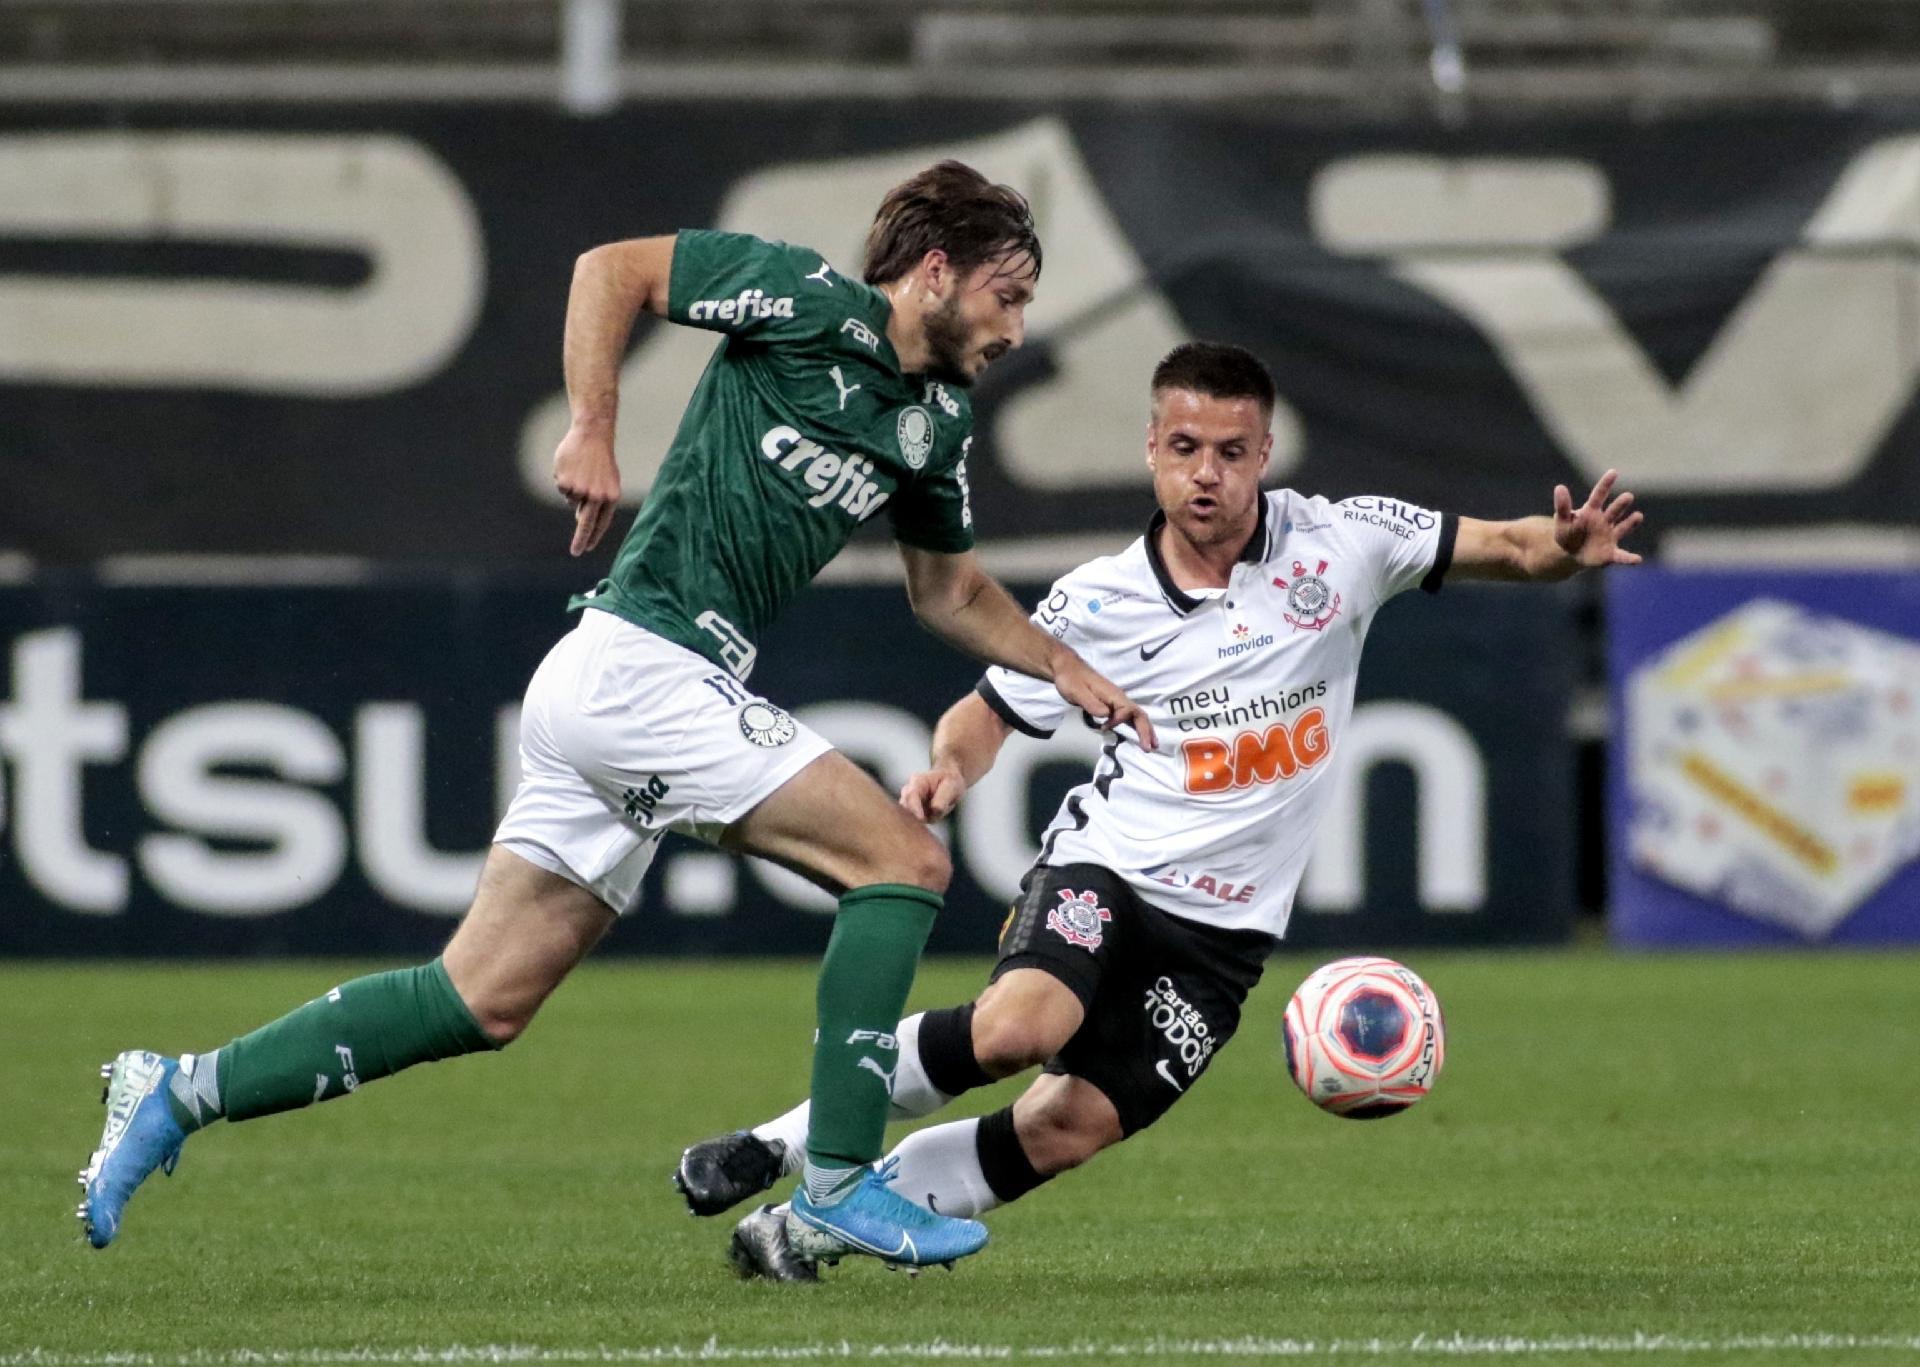 Matías Viña tenta romper ao lado do Ramira, na partida entre Corinthians e Palmeiras - Rodrigo Coca / Agência Corinthians